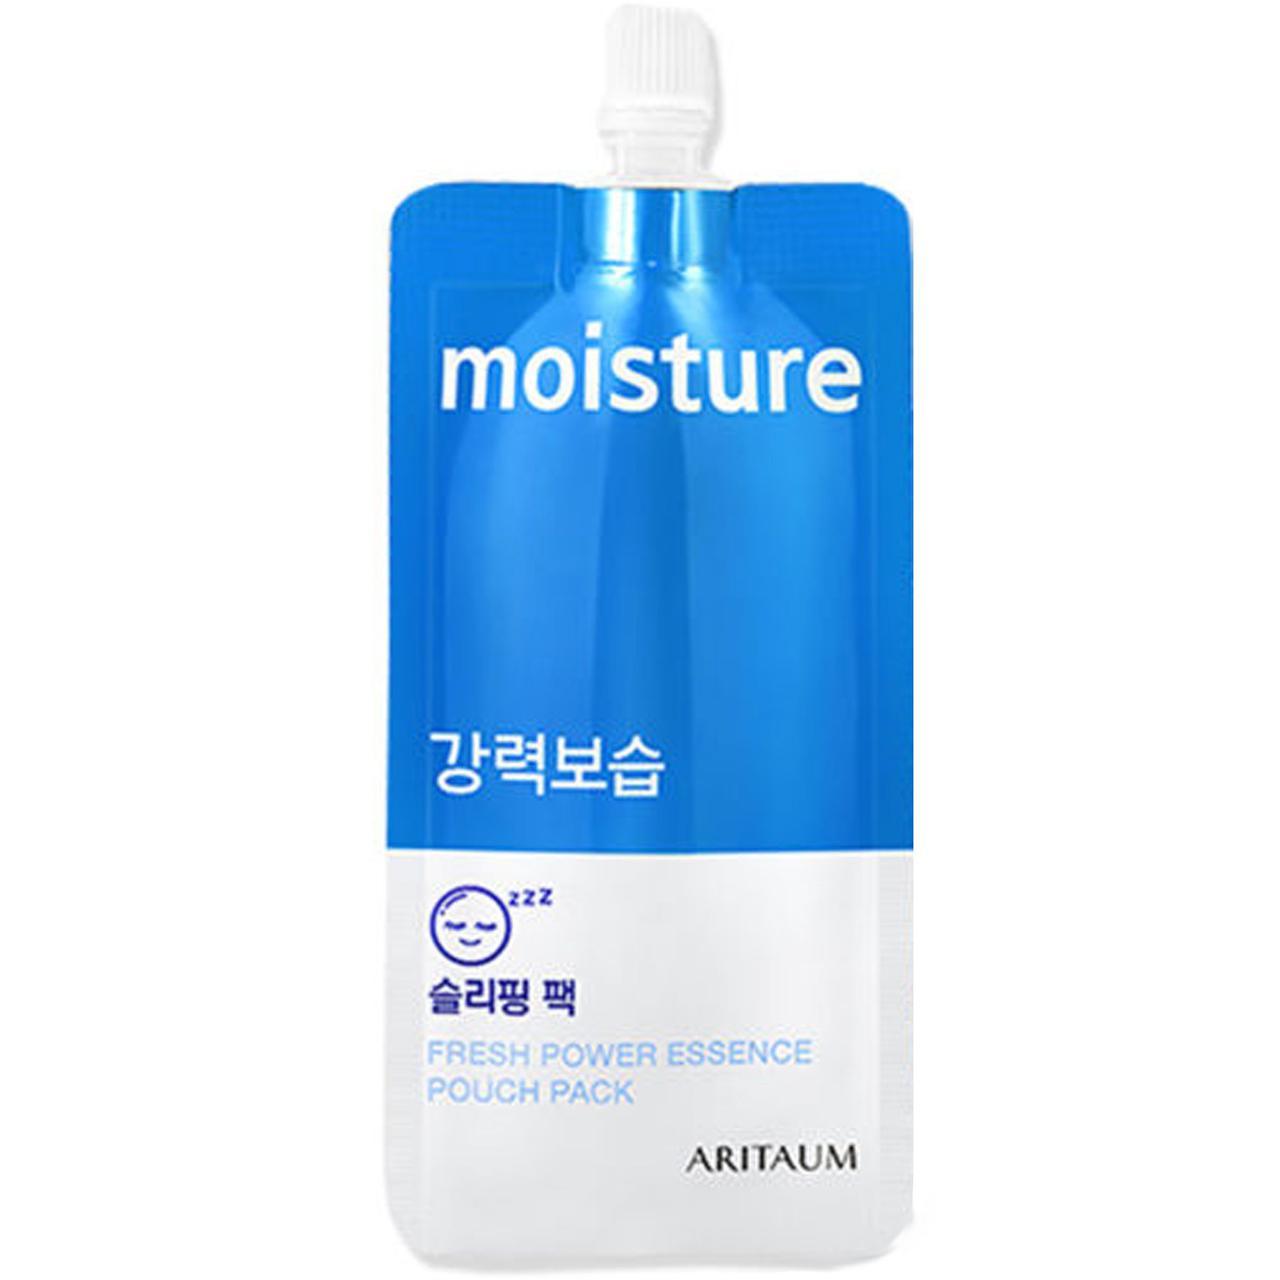 Увлажняющая ночная маска для лица Aritaum Fresh Power Moisture 10 ml